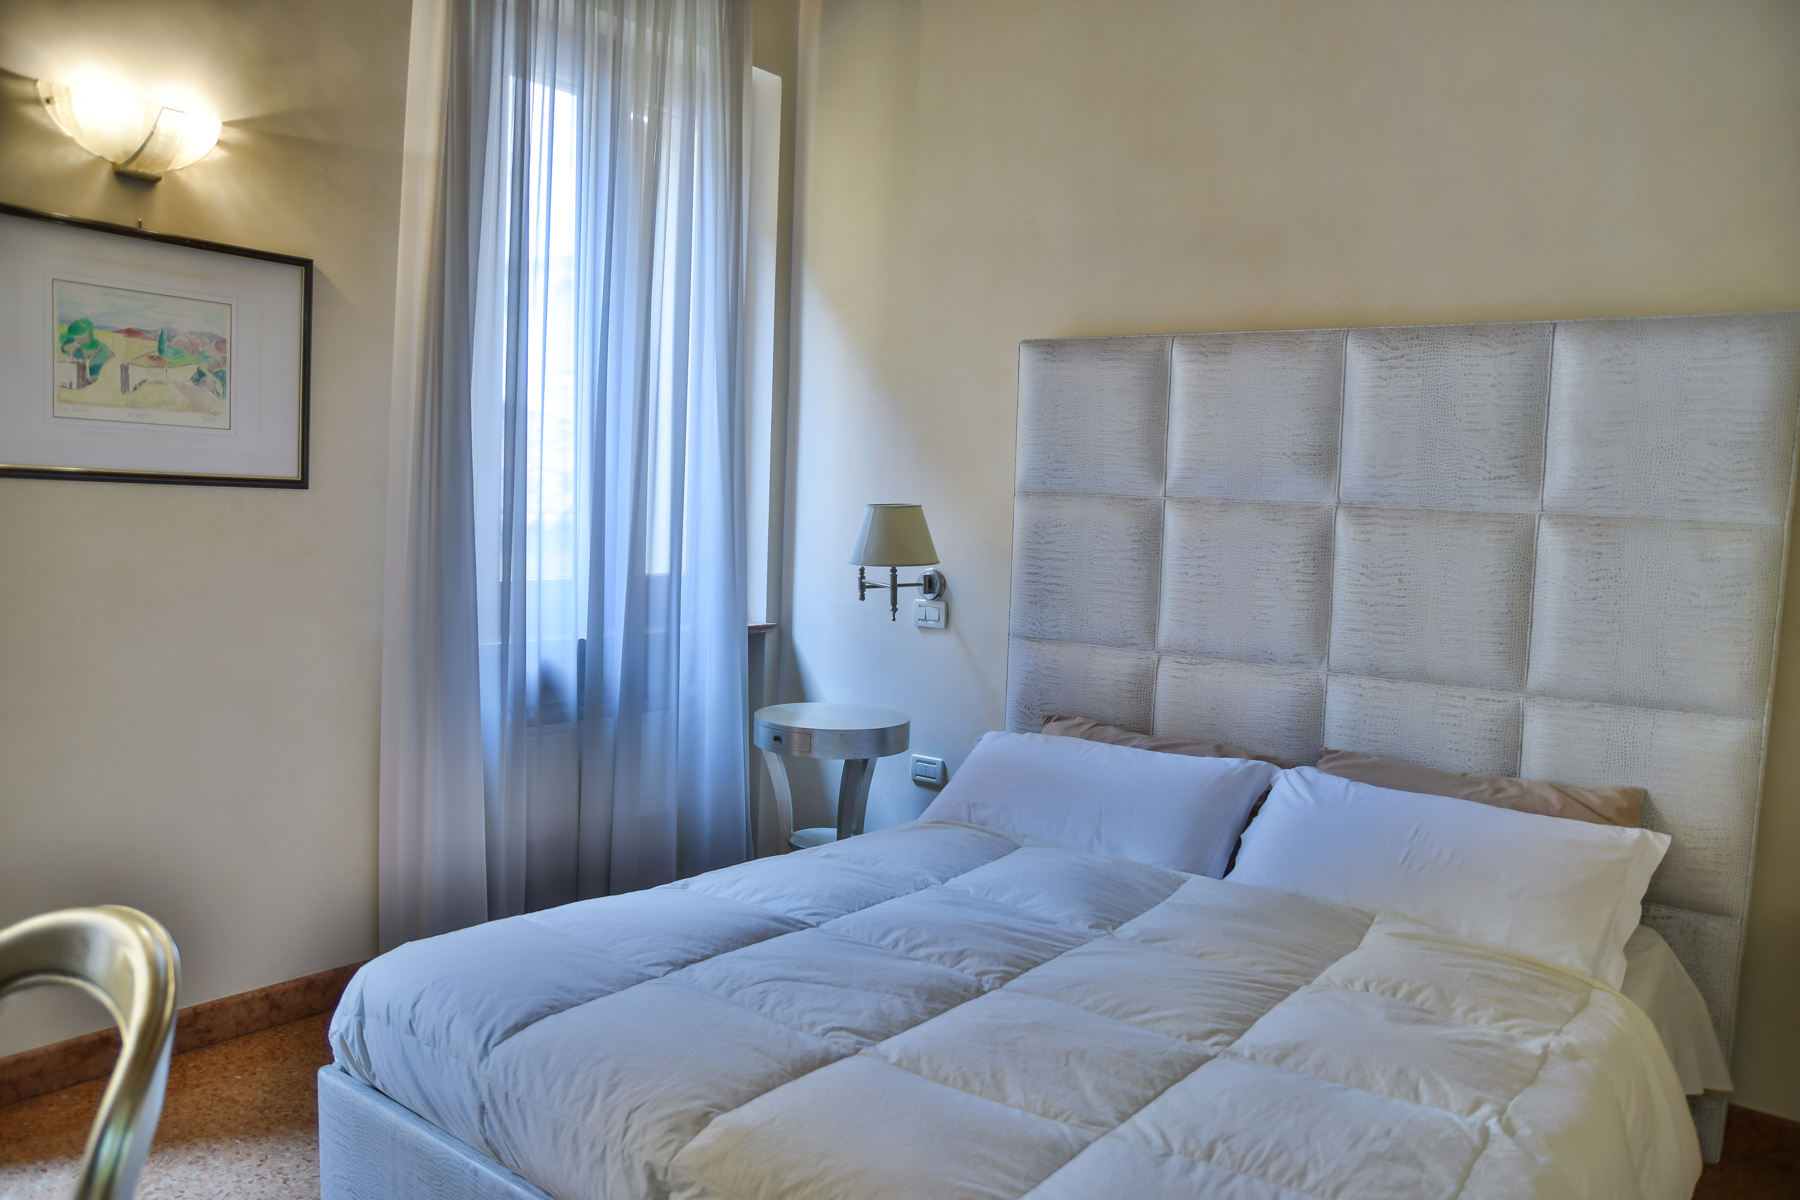 Appartamento in Vendita a Verona: 3 locali, 75 mq - Foto 9